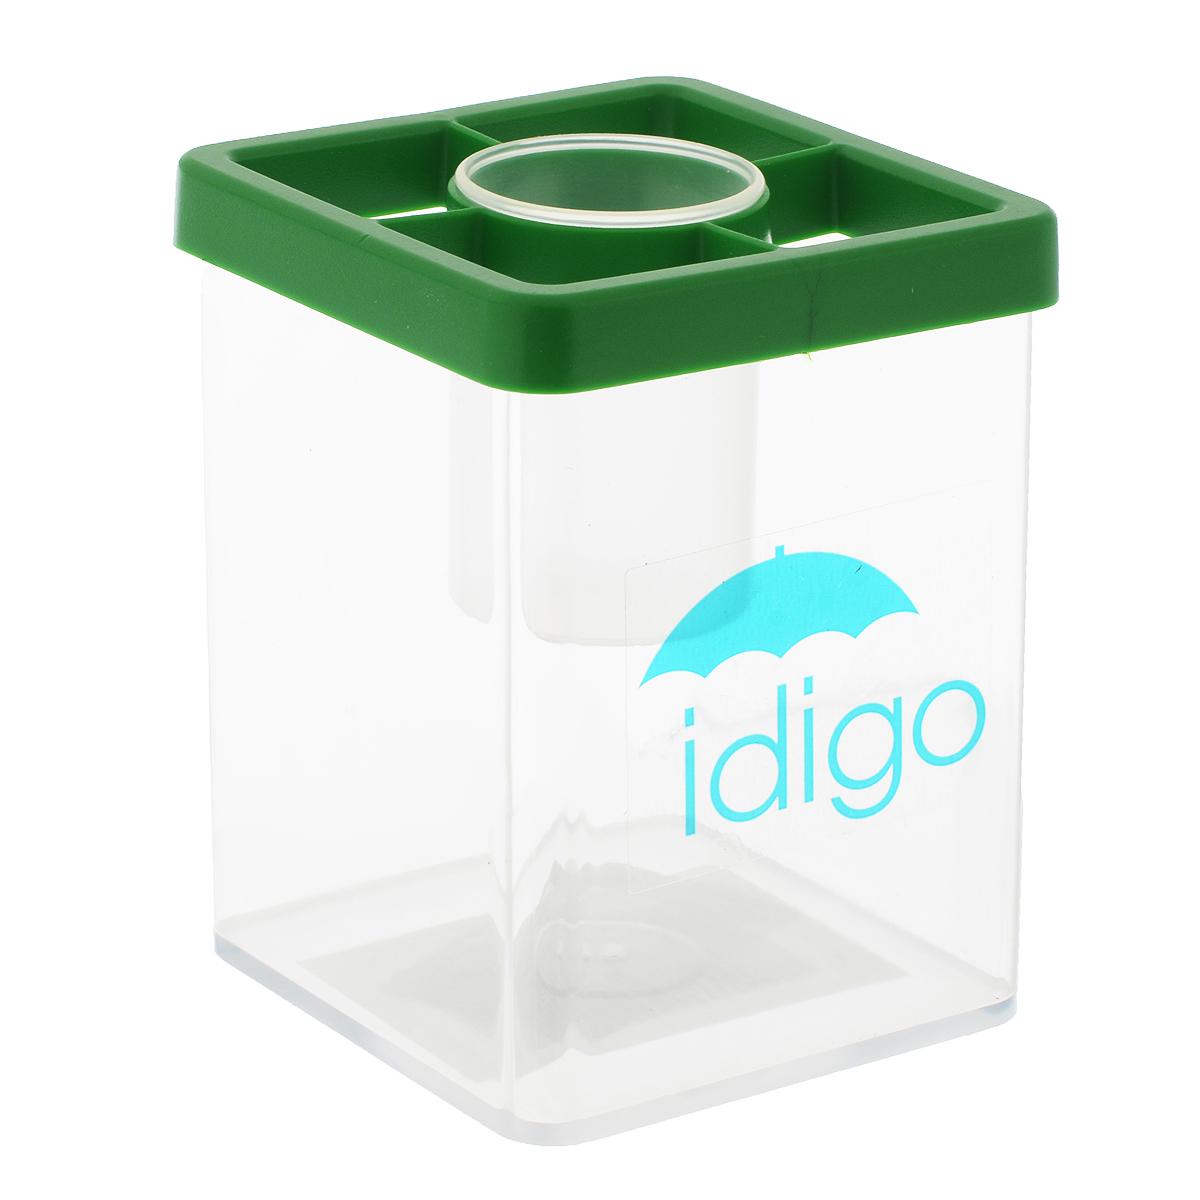 Многофункциональная подставка-стакан Idigo, цвет: зеленый idigo полимерная глина для запекания 58гр цв зеленый неон sm55811